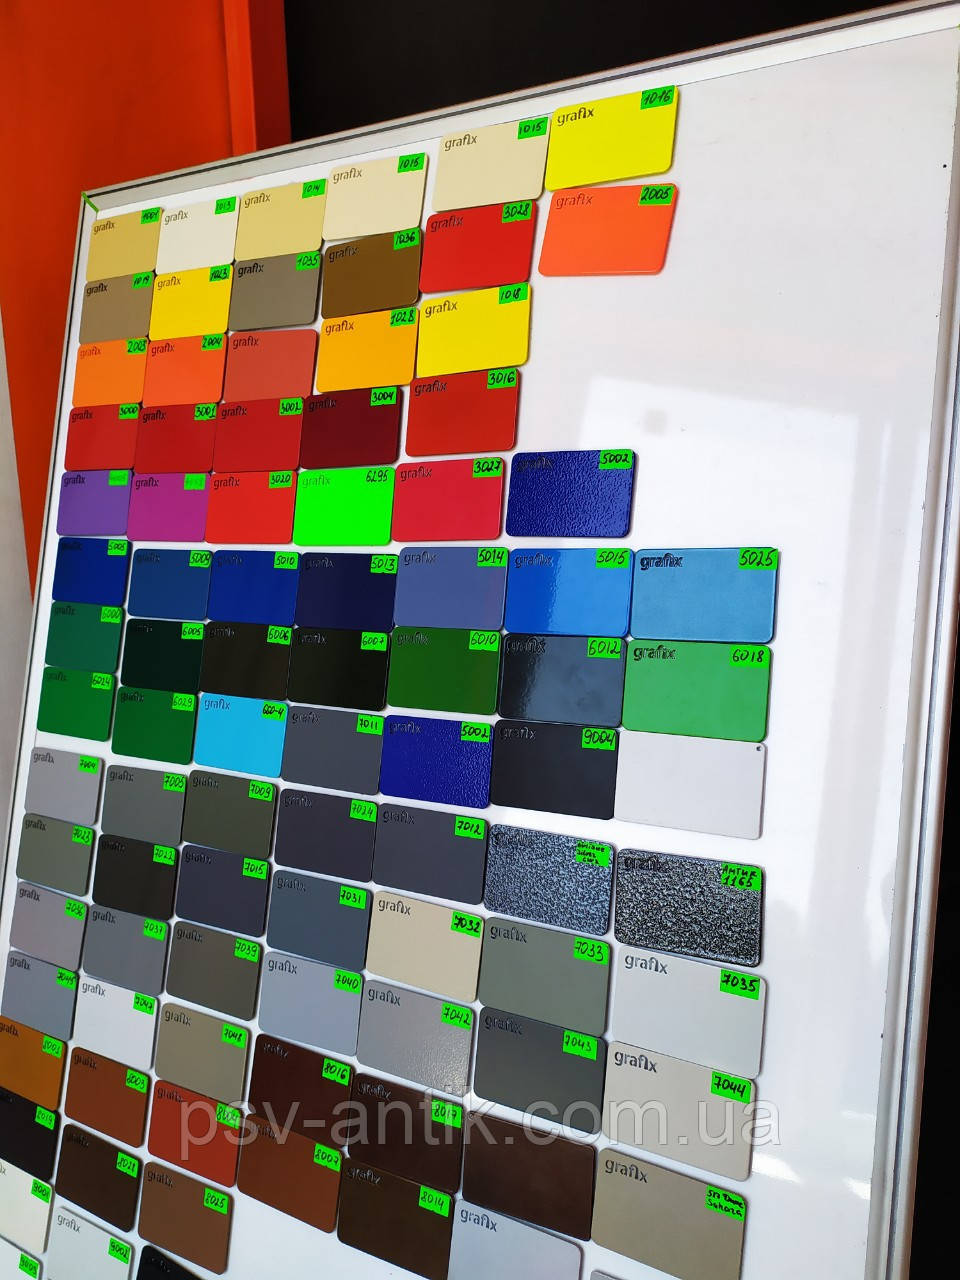 Порошковая краска матовая, полиэфирная, архитектурная, 1019